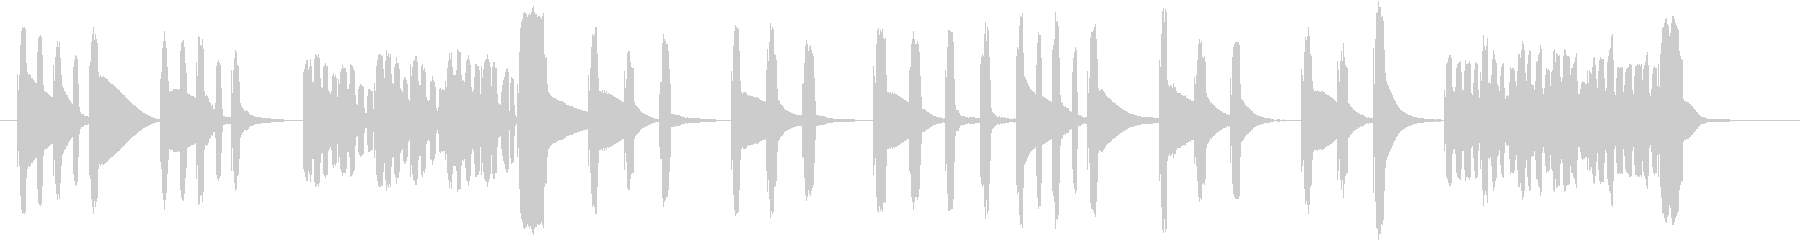 ほのぼのした場面や回想シーンに使える曲の未再生の波形